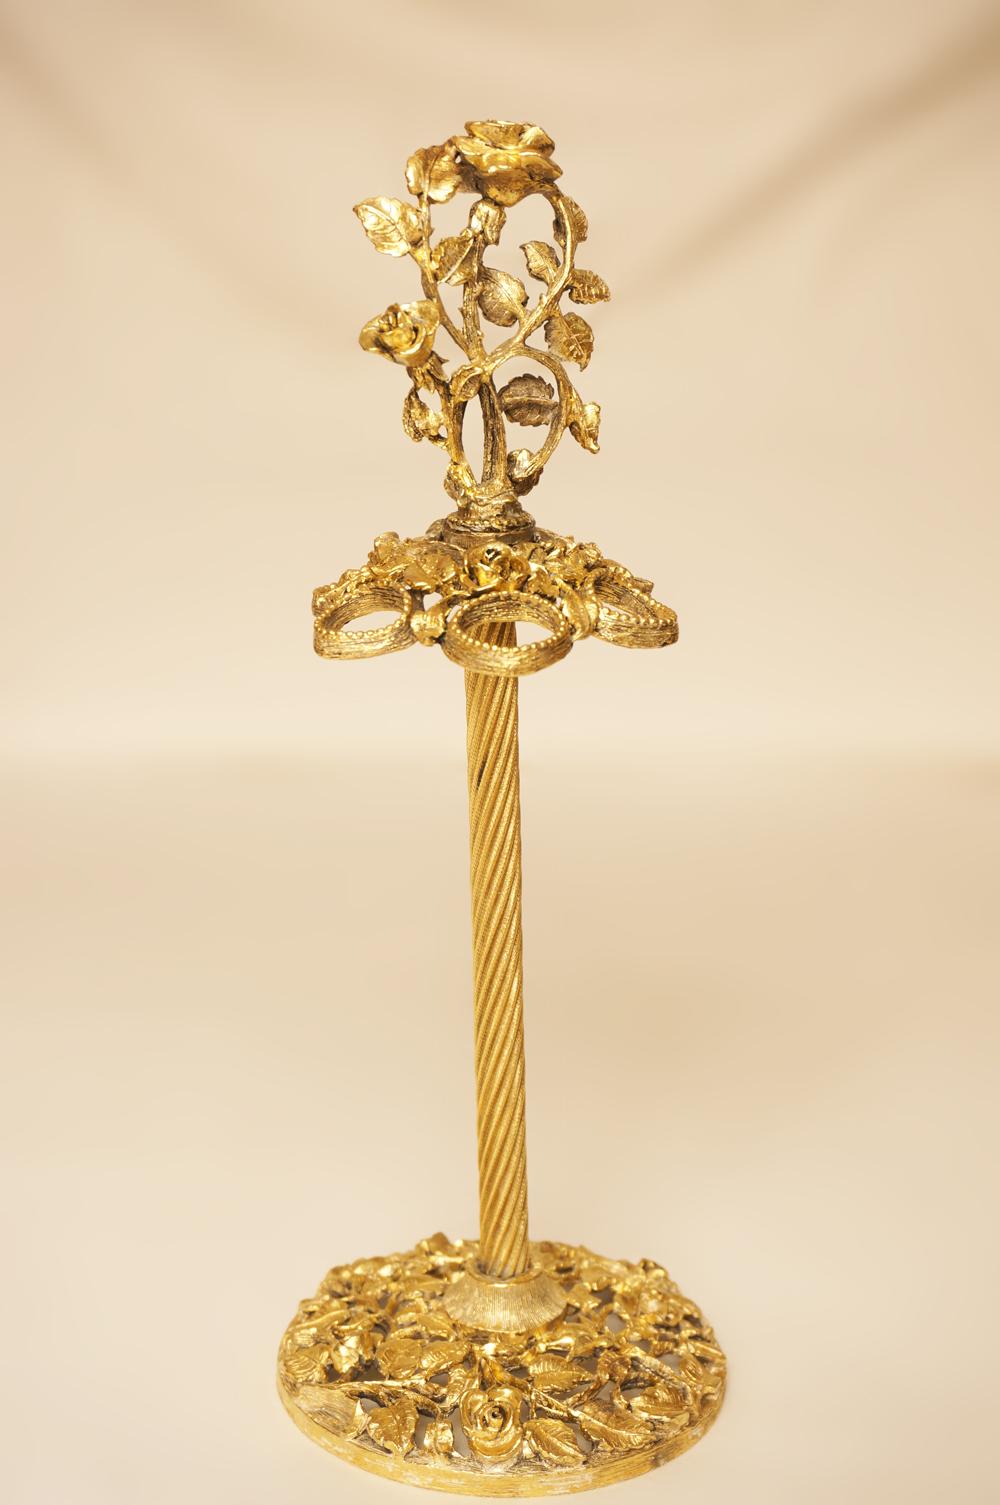 Sold:マトソン製 ゴールド ローズ トゥースブラシホルダー